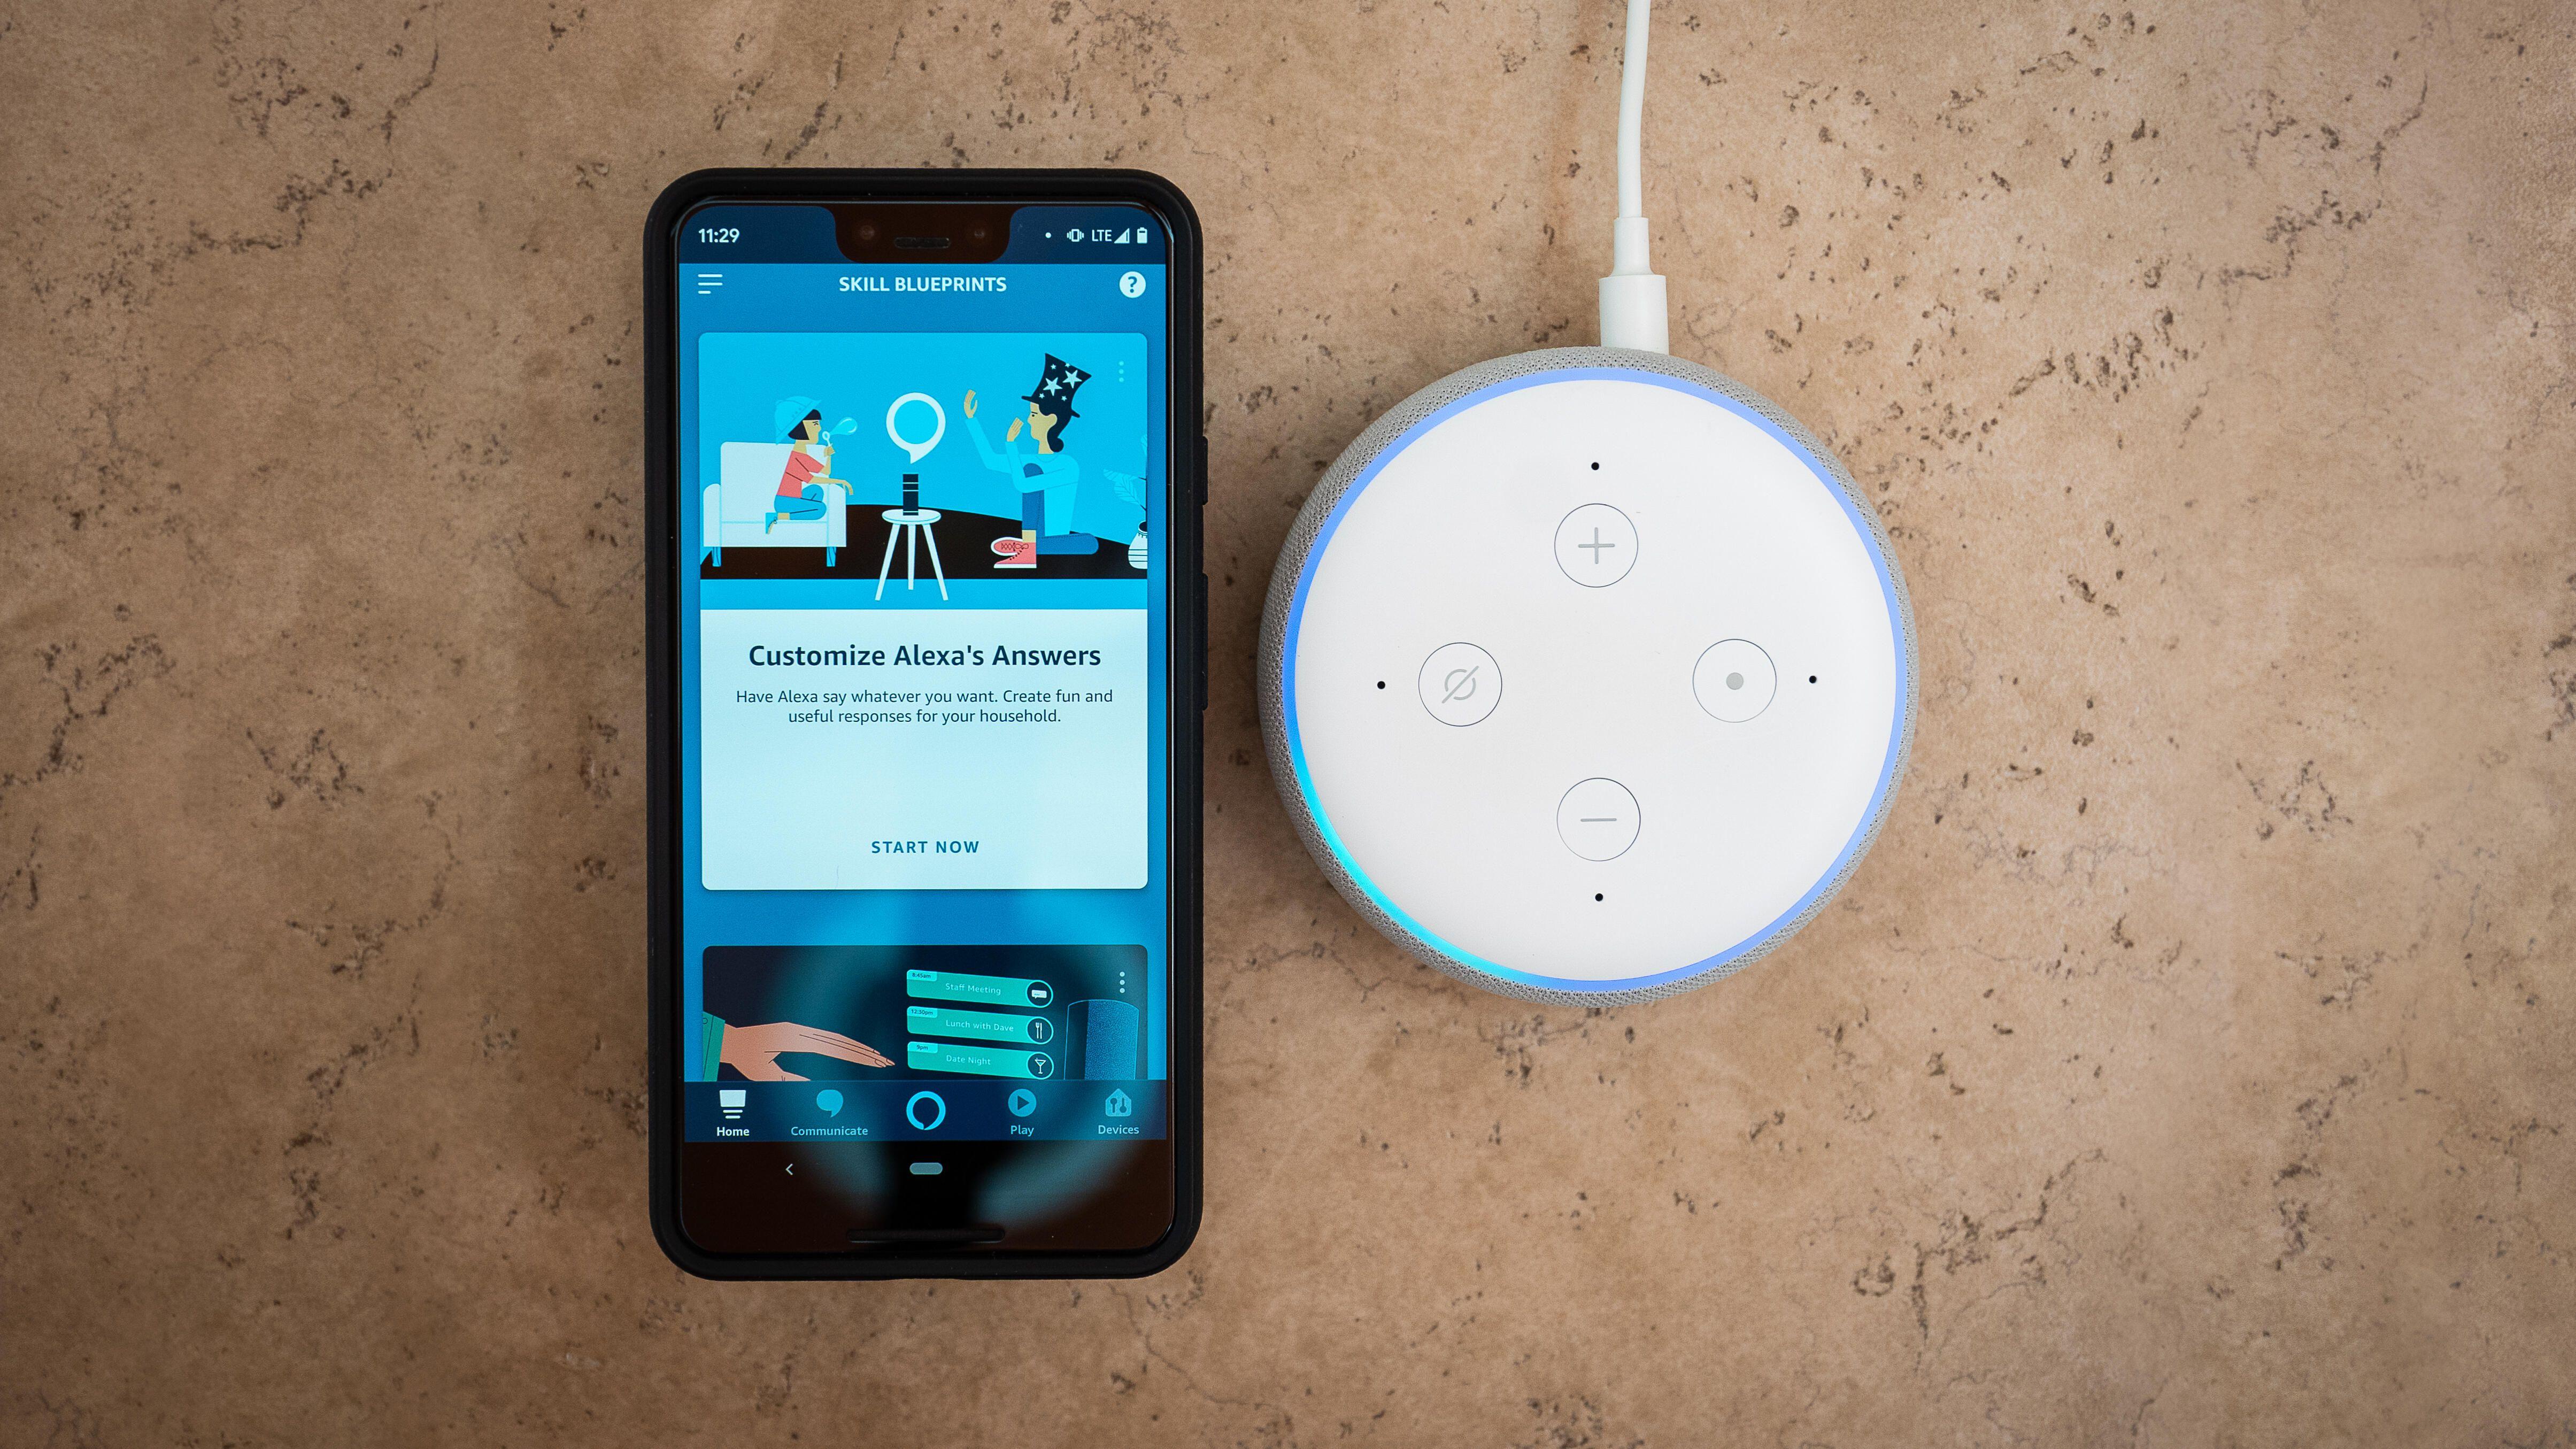 Amazon's new Alexa trick for Echo